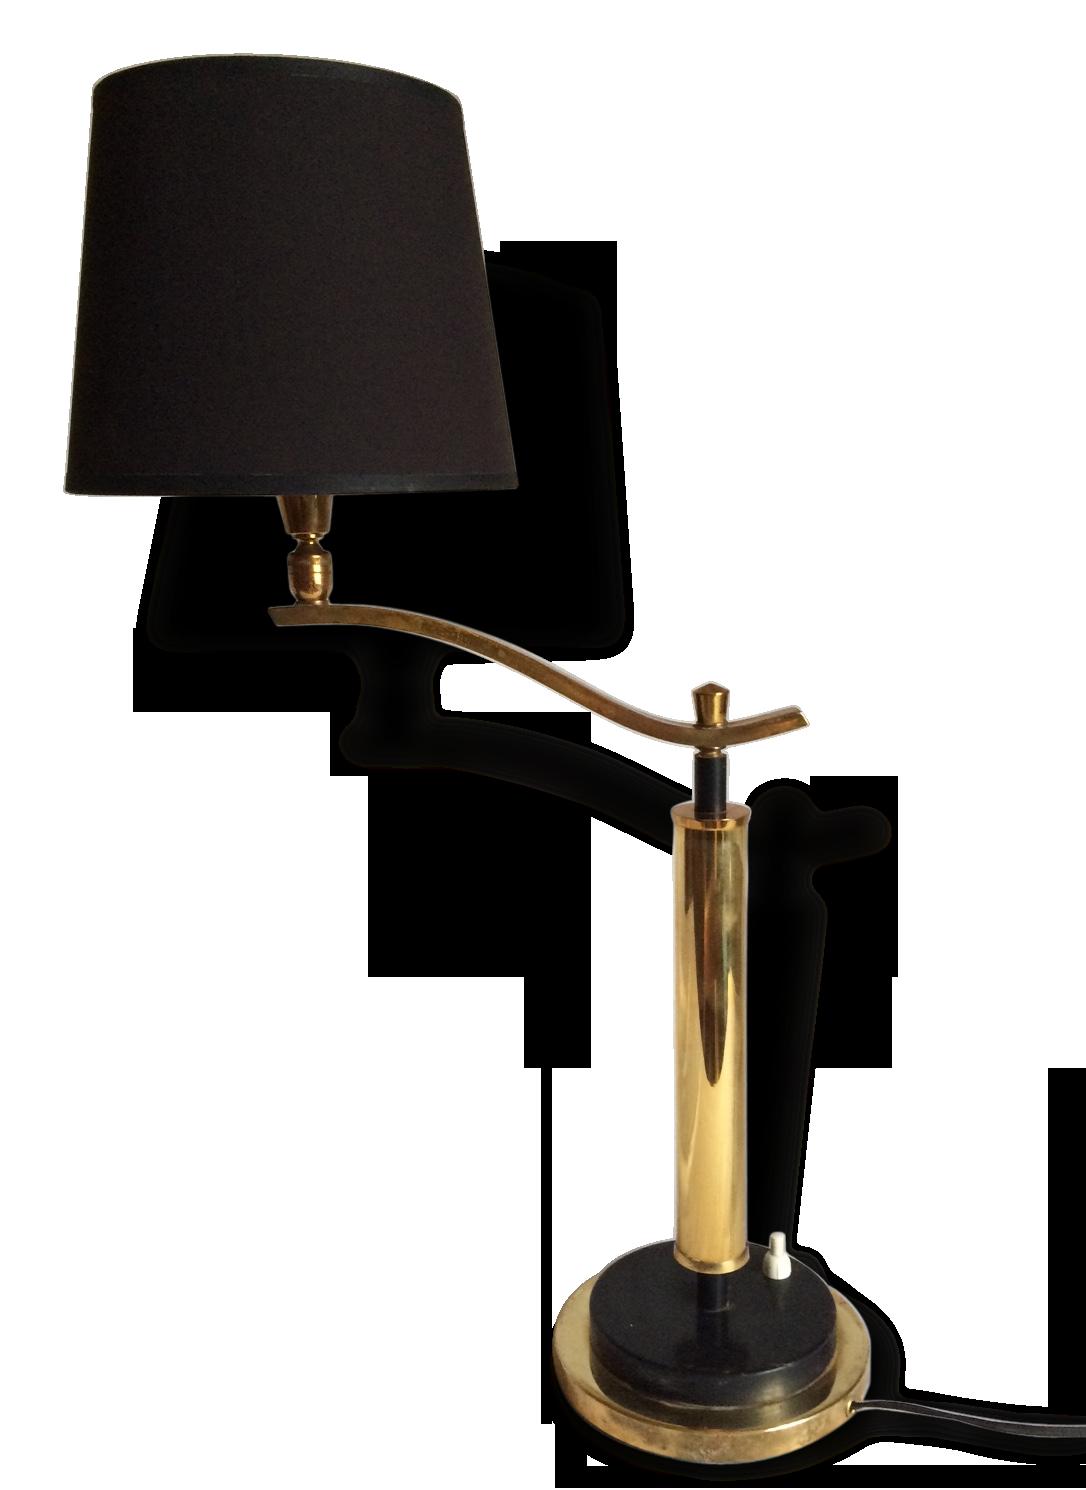 Lampe bureau laiton vintage  laiton doré